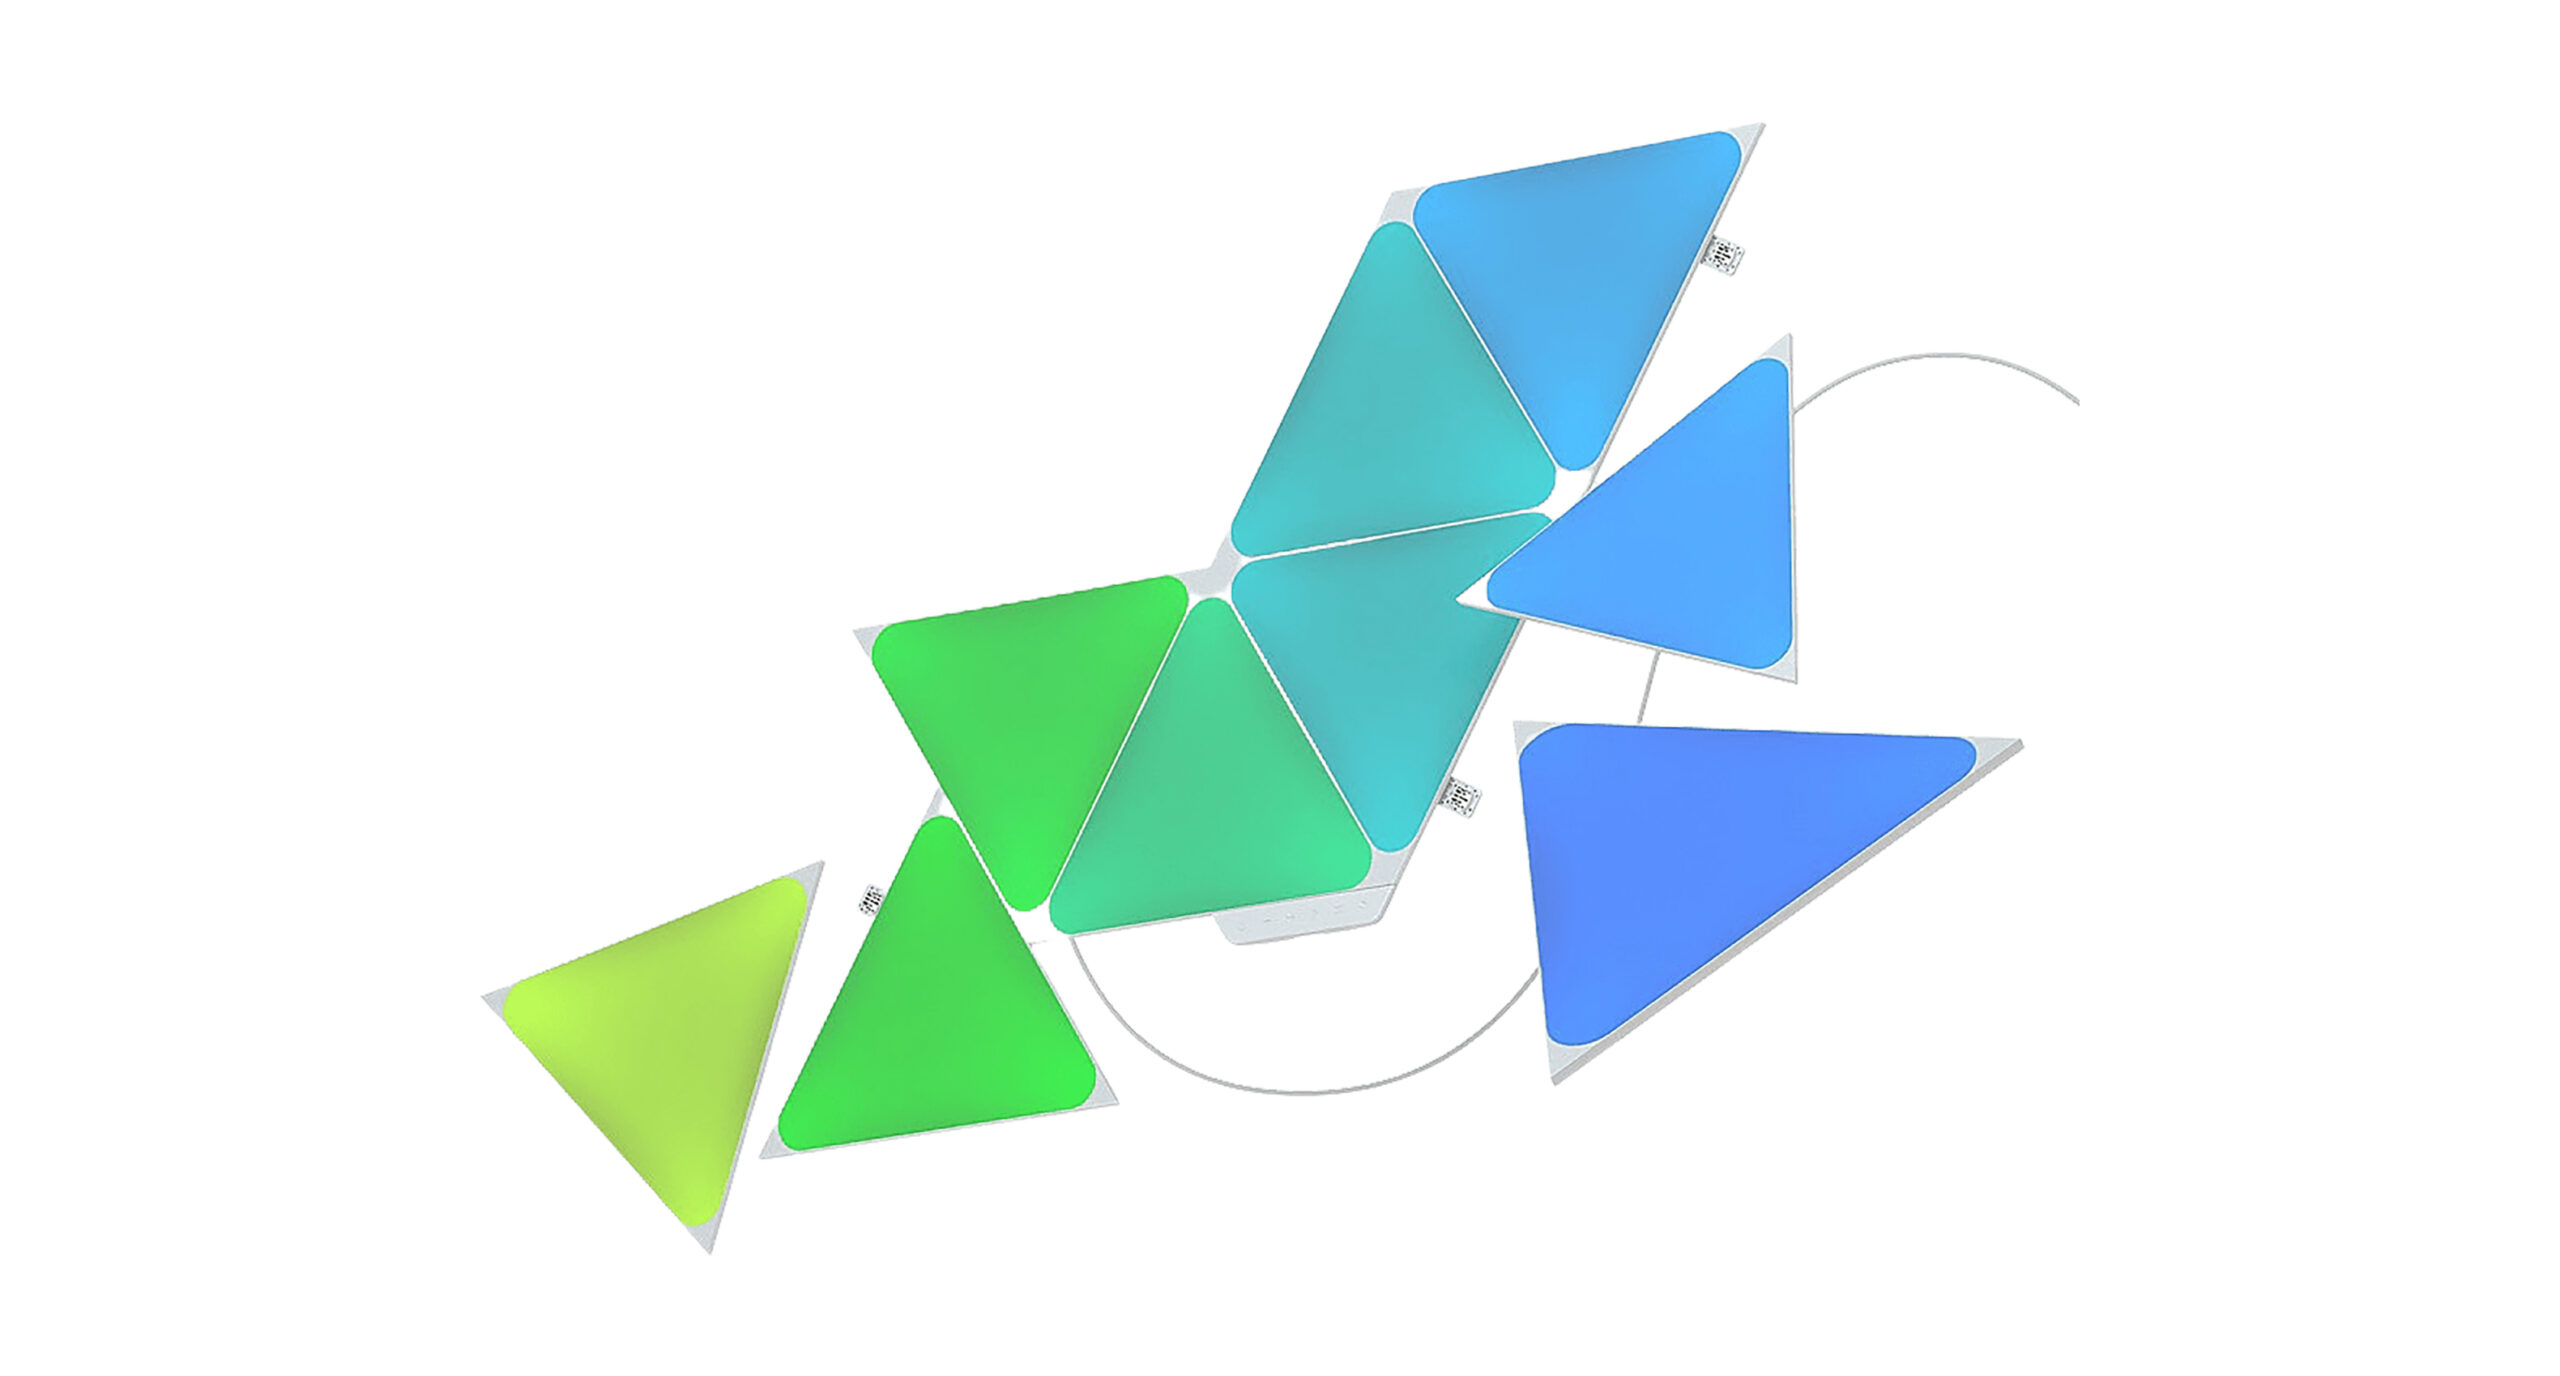 Nanoleaf Triangle Starter Kit